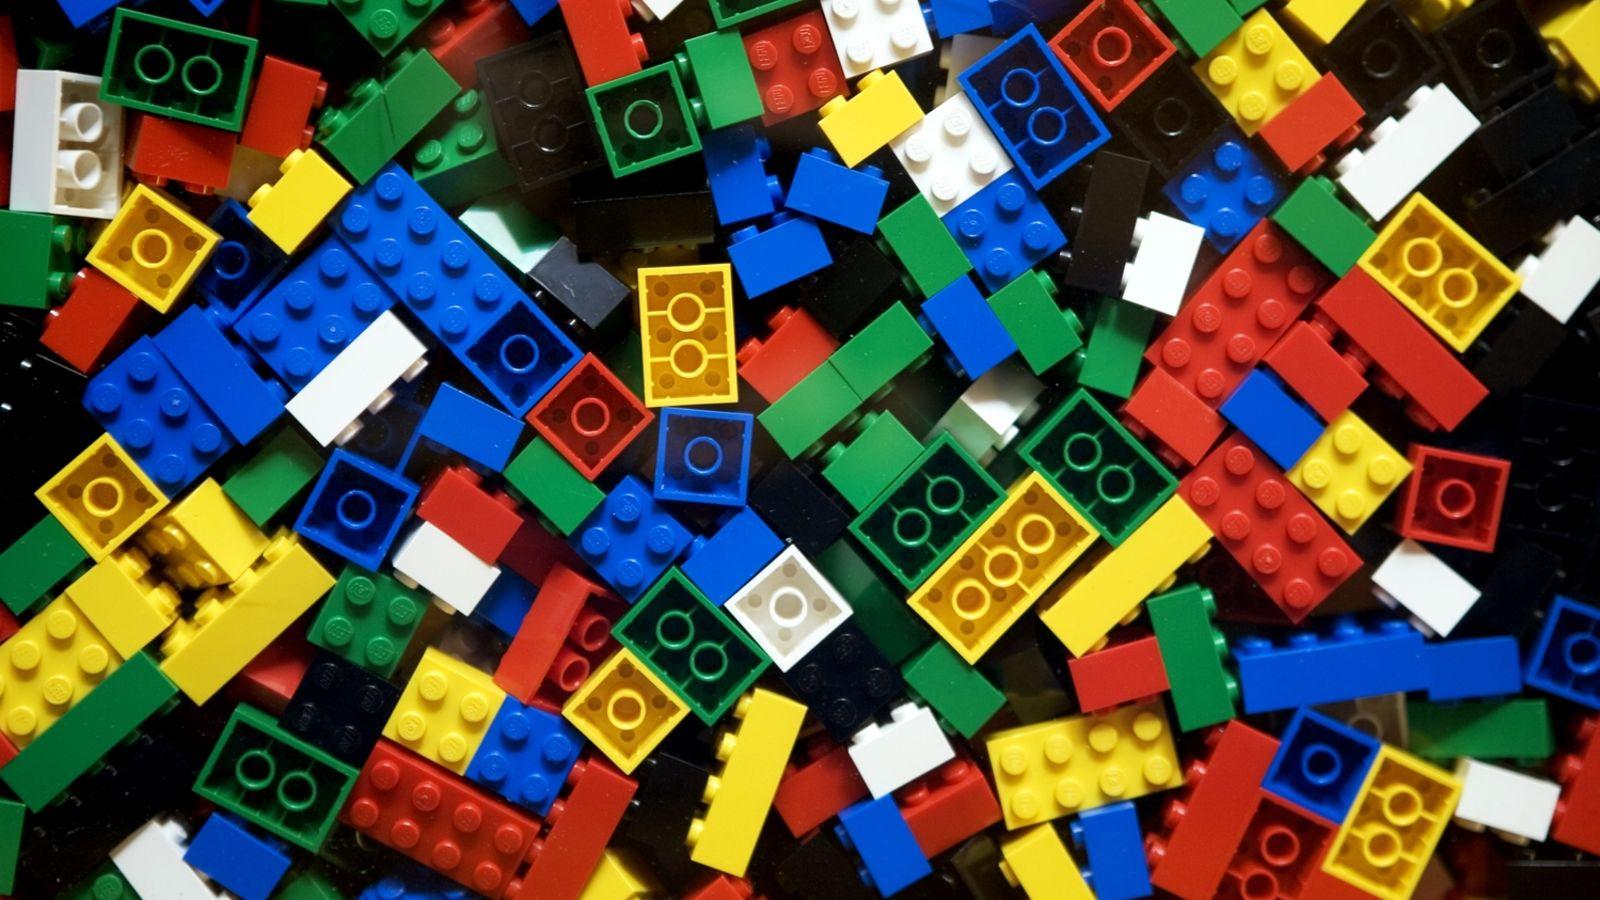 LEGO Diverses zum zusammenstückeln; Shop: SMDV; Zahlung mit Sofortüberweisung; Ab 39€ 5€ Rabatt